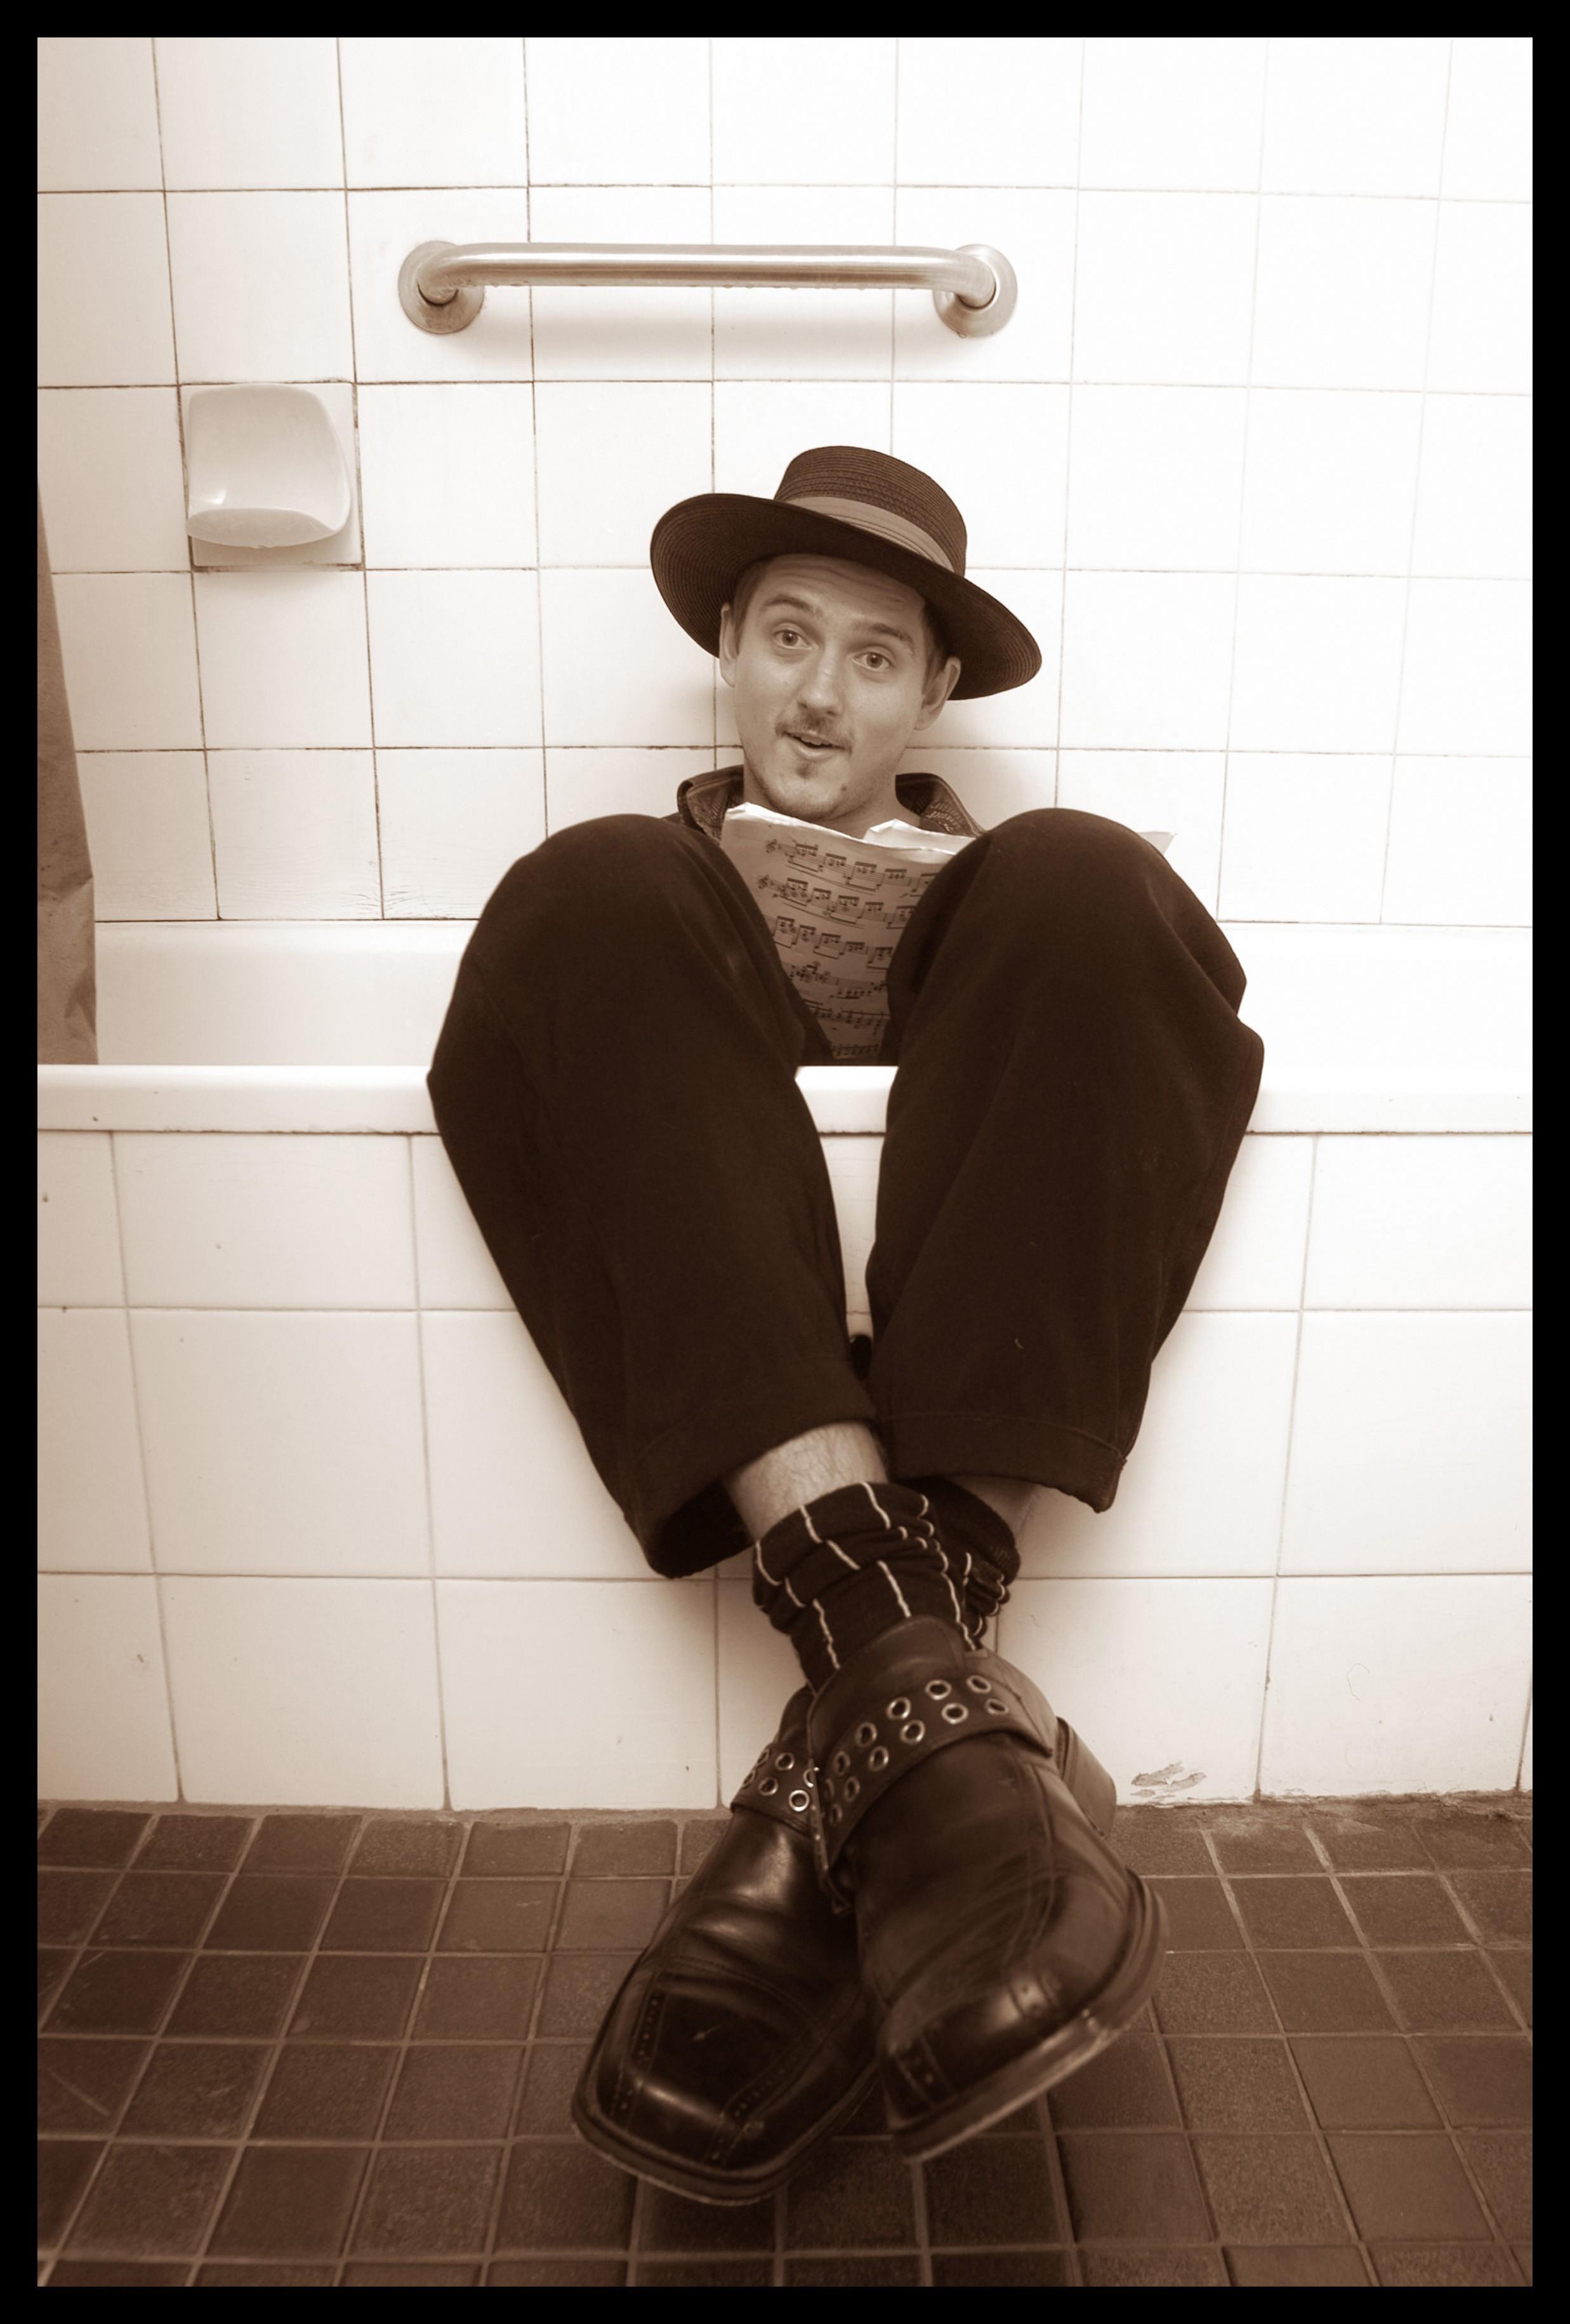 Photo Regis - Bathroom.jpg